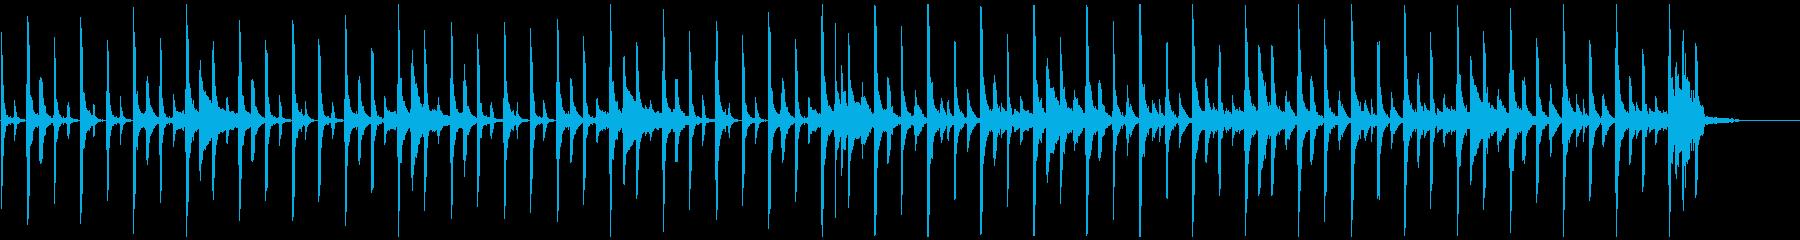 【リズム楽器のみ】元気なクラップの再生済みの波形